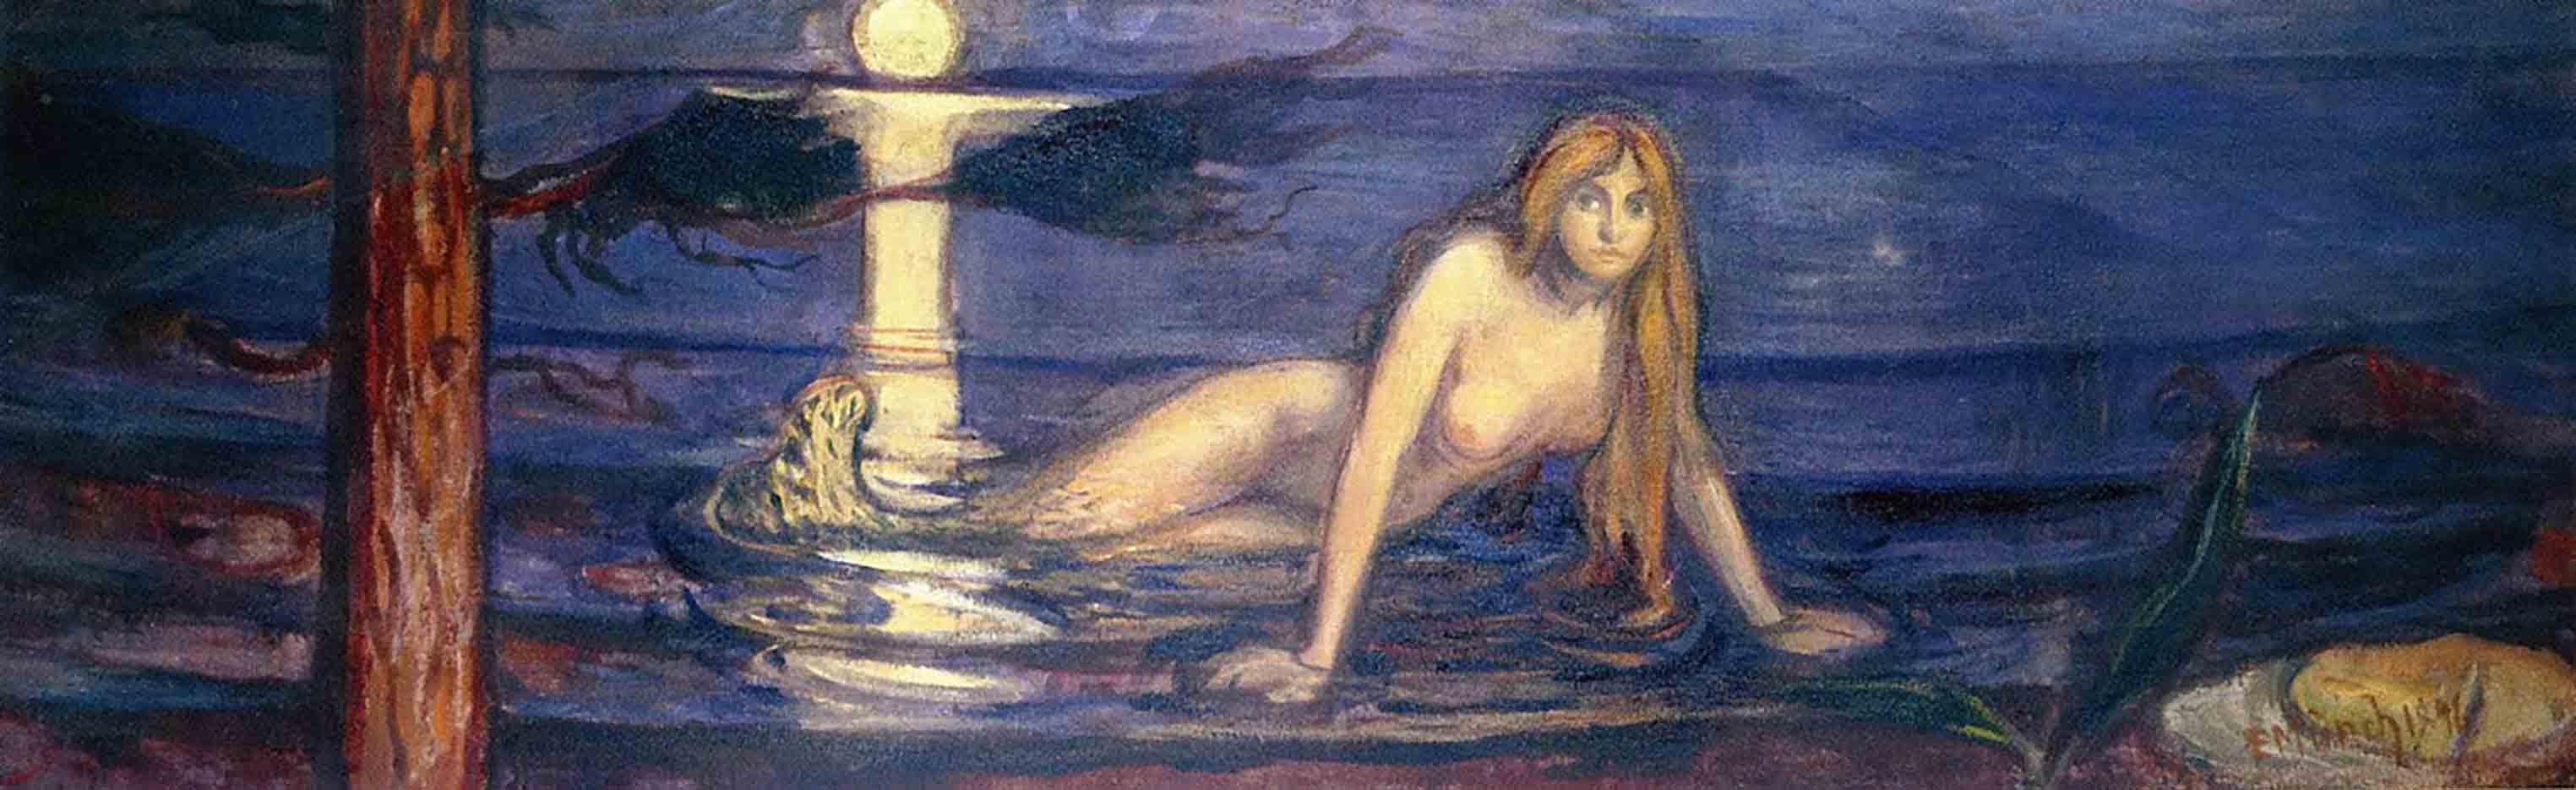 """Эдвард Мунк (Edvard Munch) """"The Lady from the sea"""""""